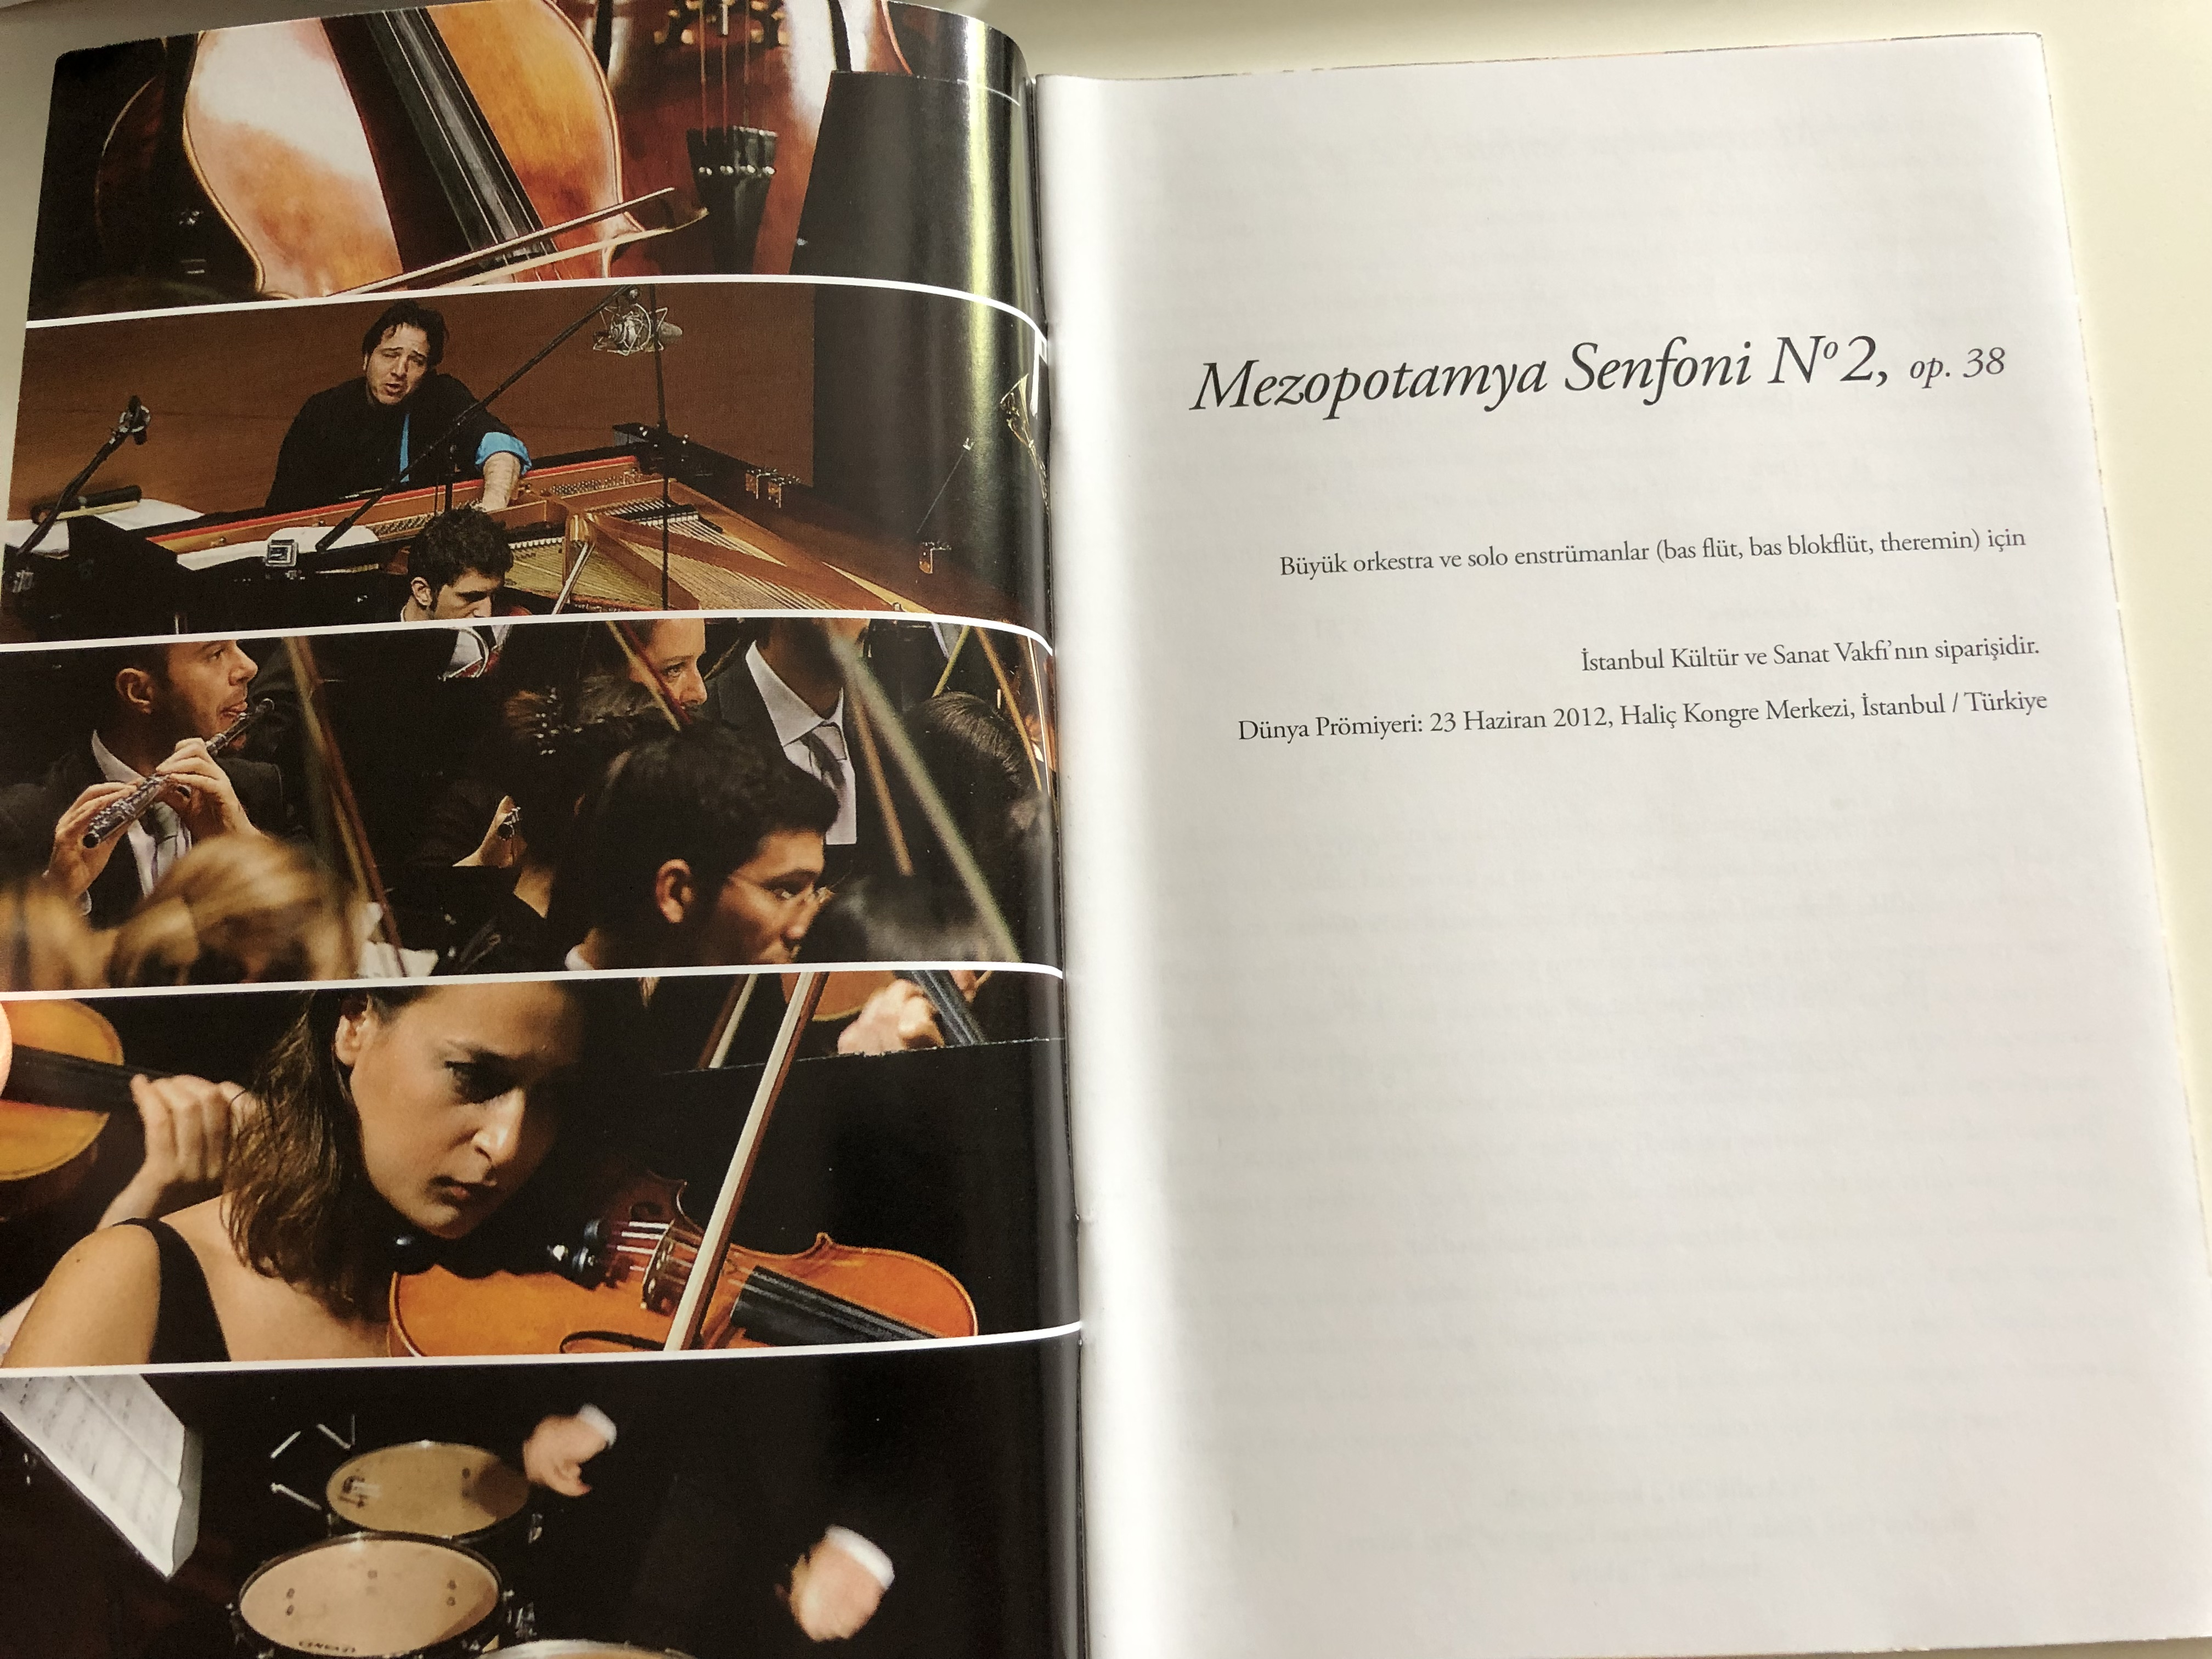 fazil-say-meopotamya-senfoni-no.2-universe-senfoni-no.-3-dvd-2013-imaj-5-.jpg